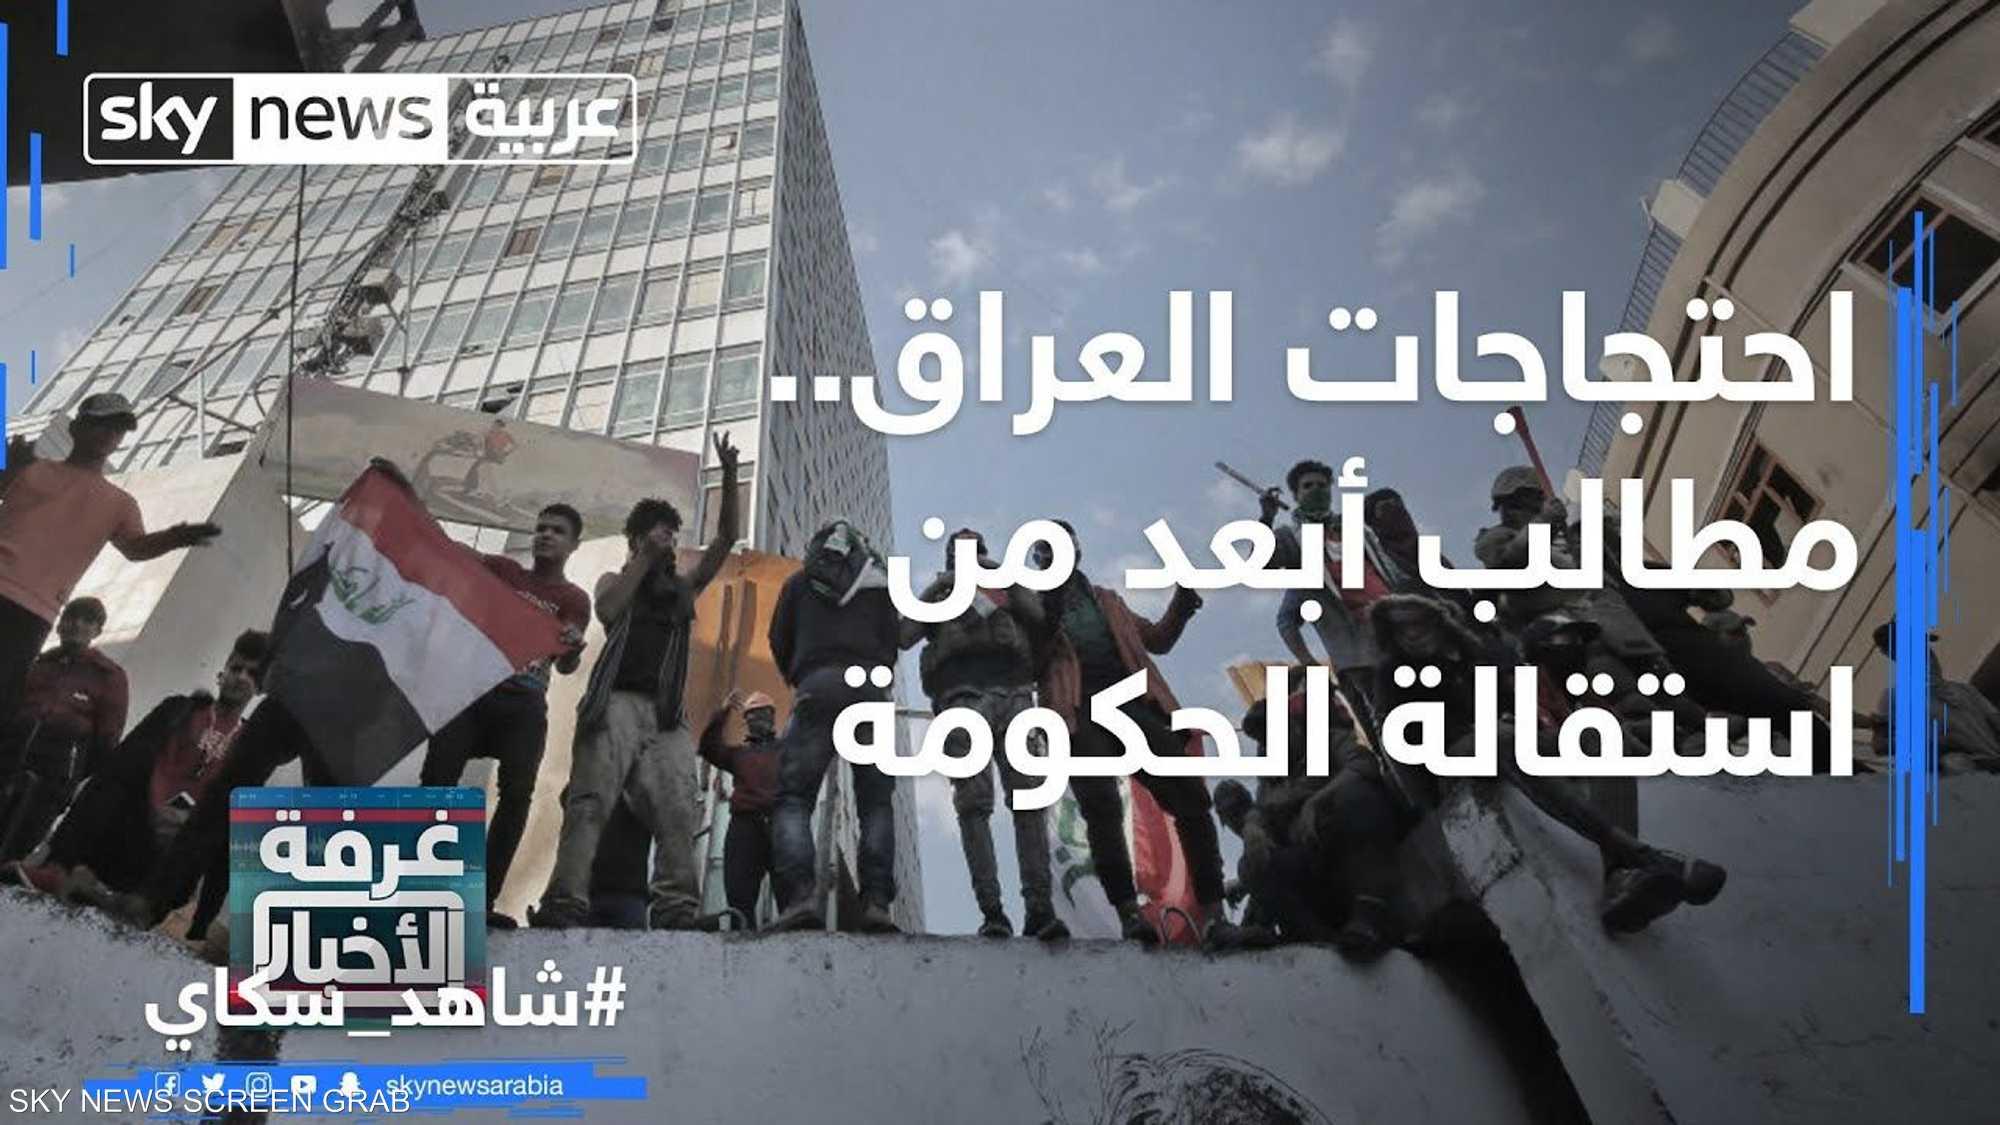 احتجاجات العراق.. مطالب أبعد من استقالة الحكومة